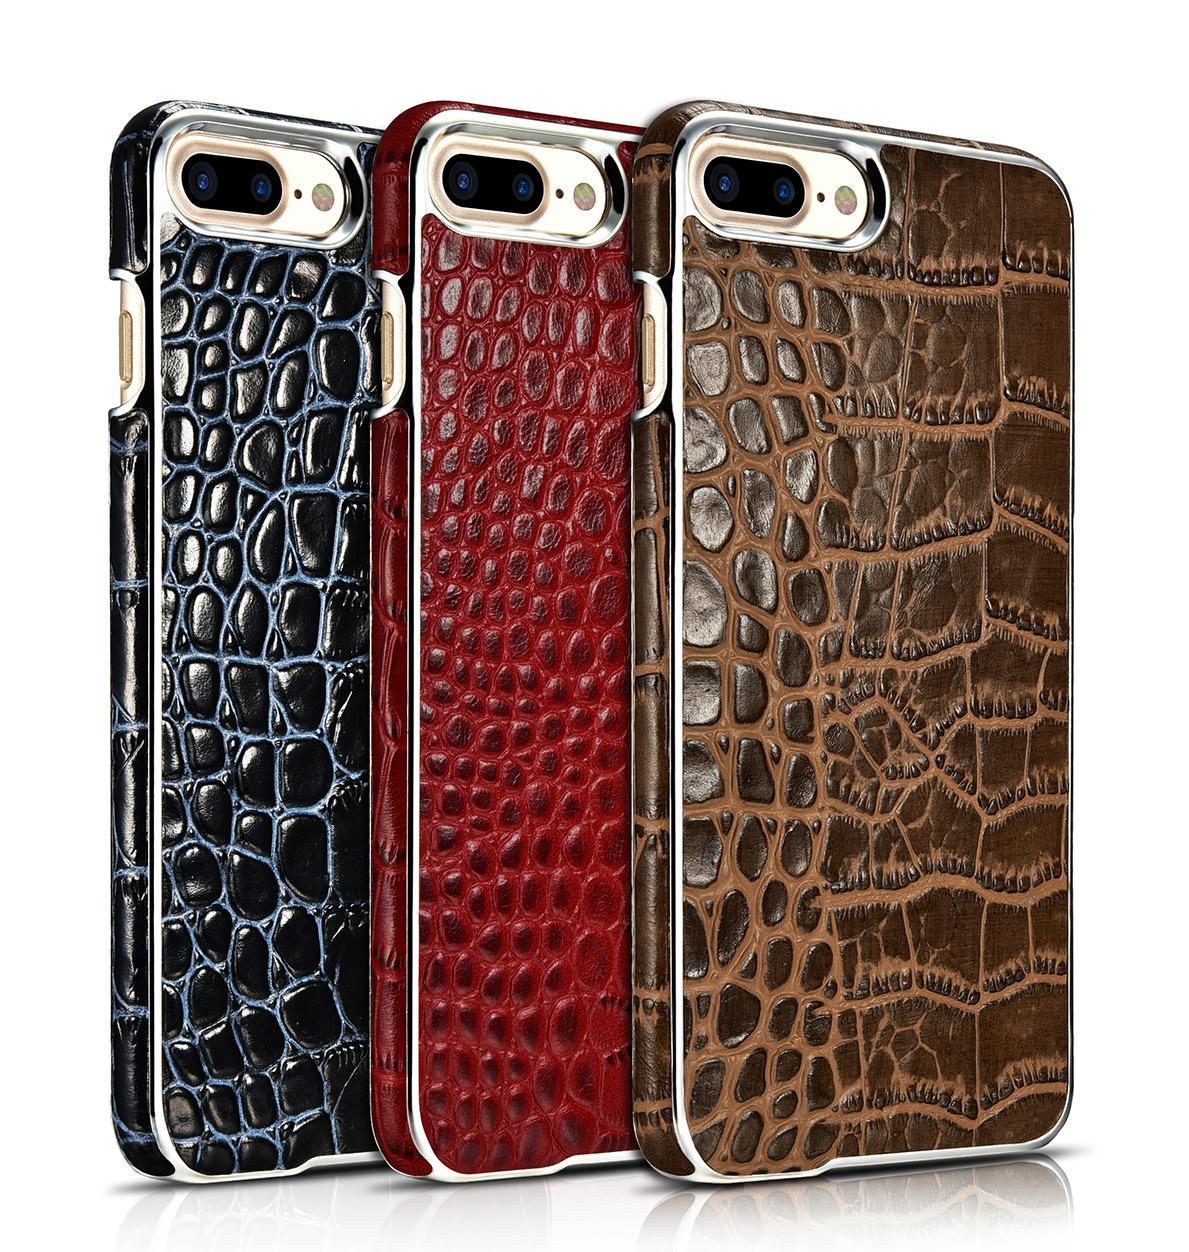 Xoomz iPhone 7 Plus Crocodile Pattern Back Case 1